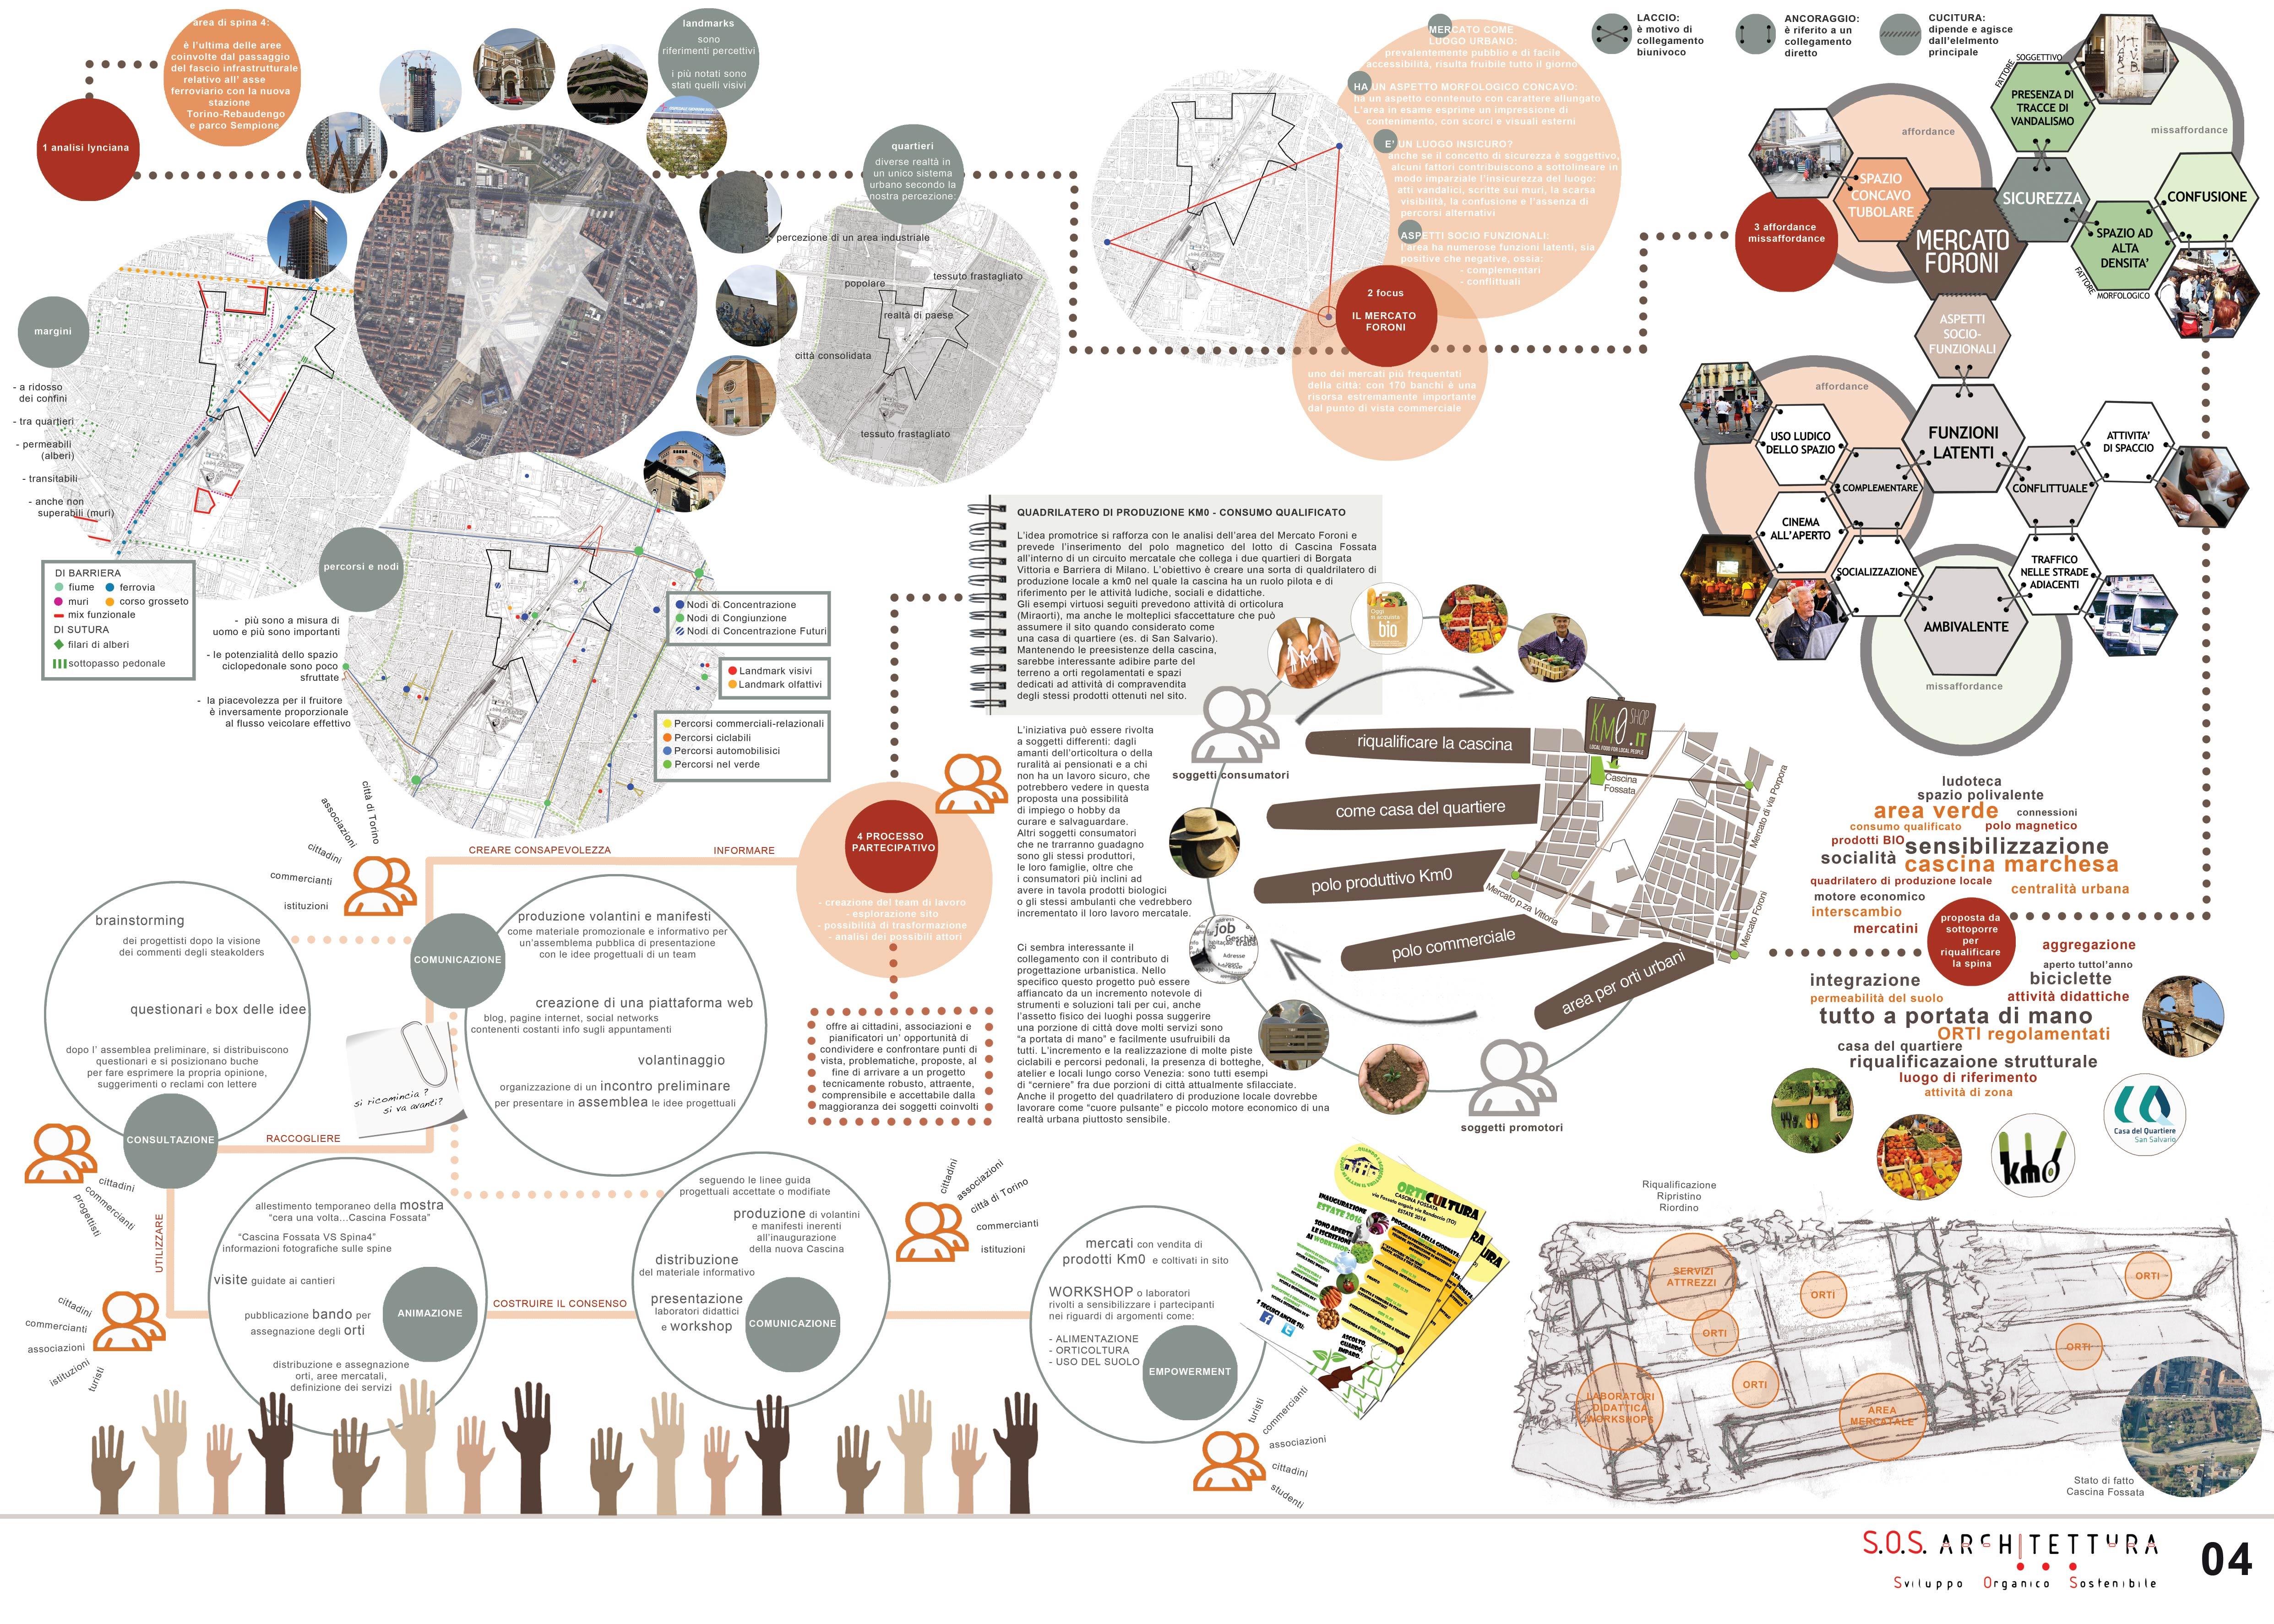 Proposta di progetto urbanistico sociologico variante - Tavole di concorso architettura ...